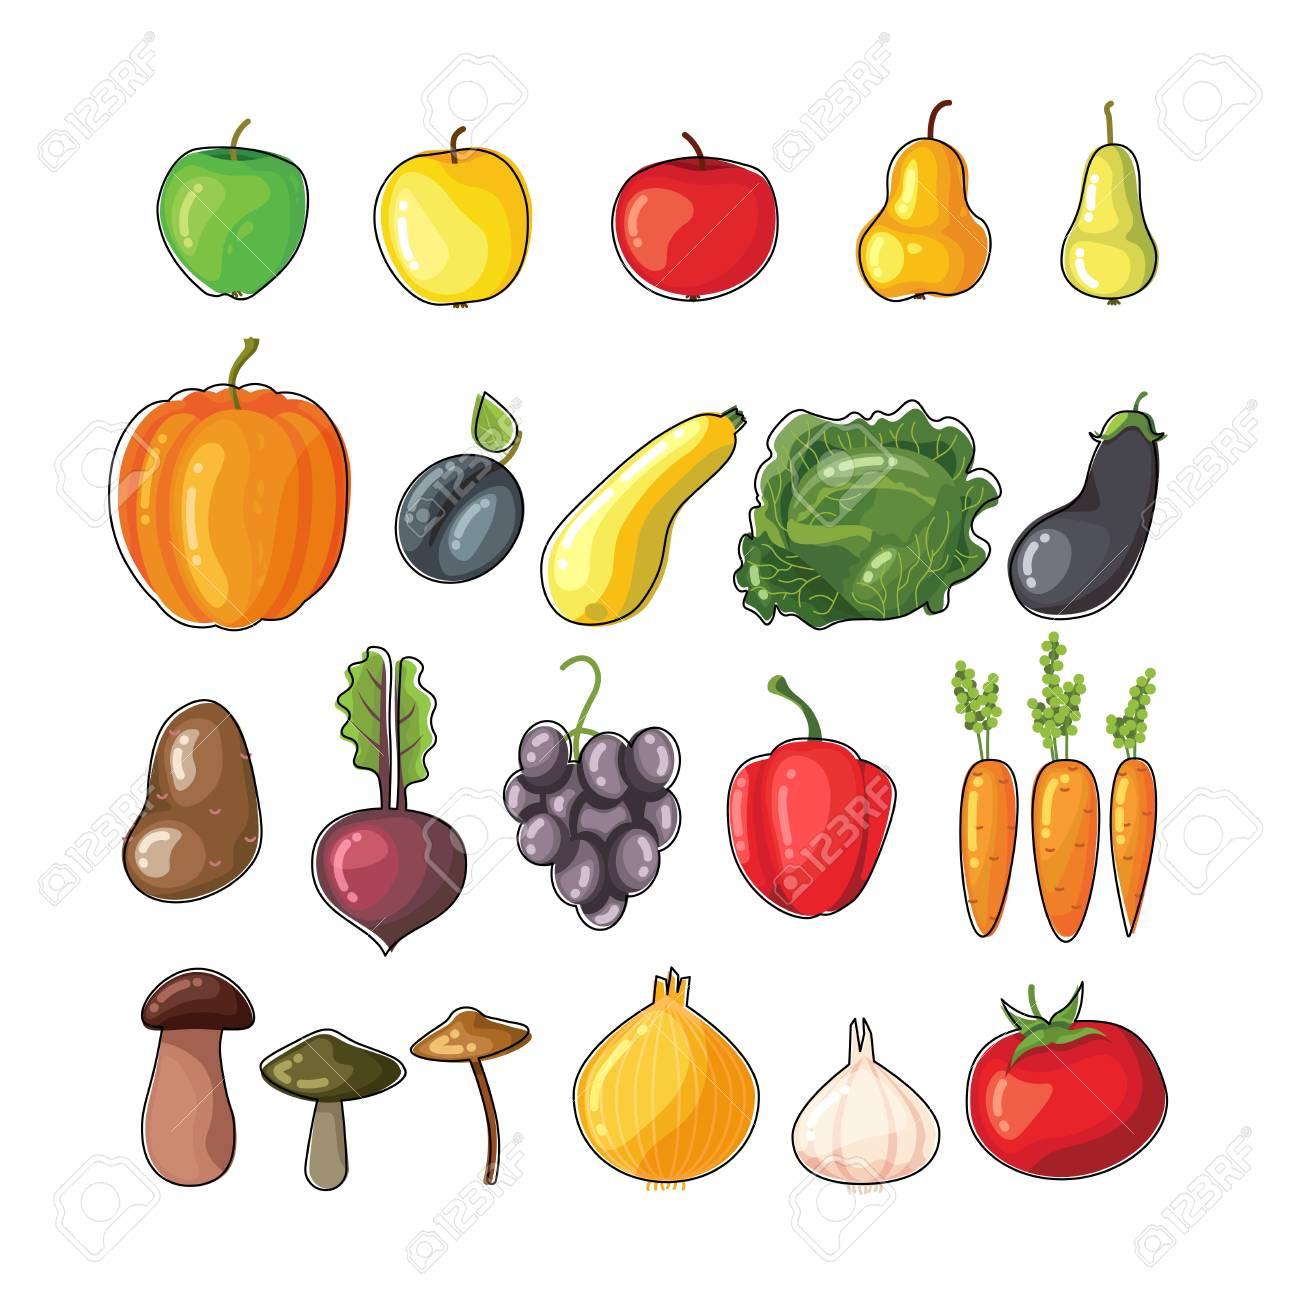 Ziemlich Bilder Von Obst Und Gemüse Zum Färben Fotos - Druckbare ...